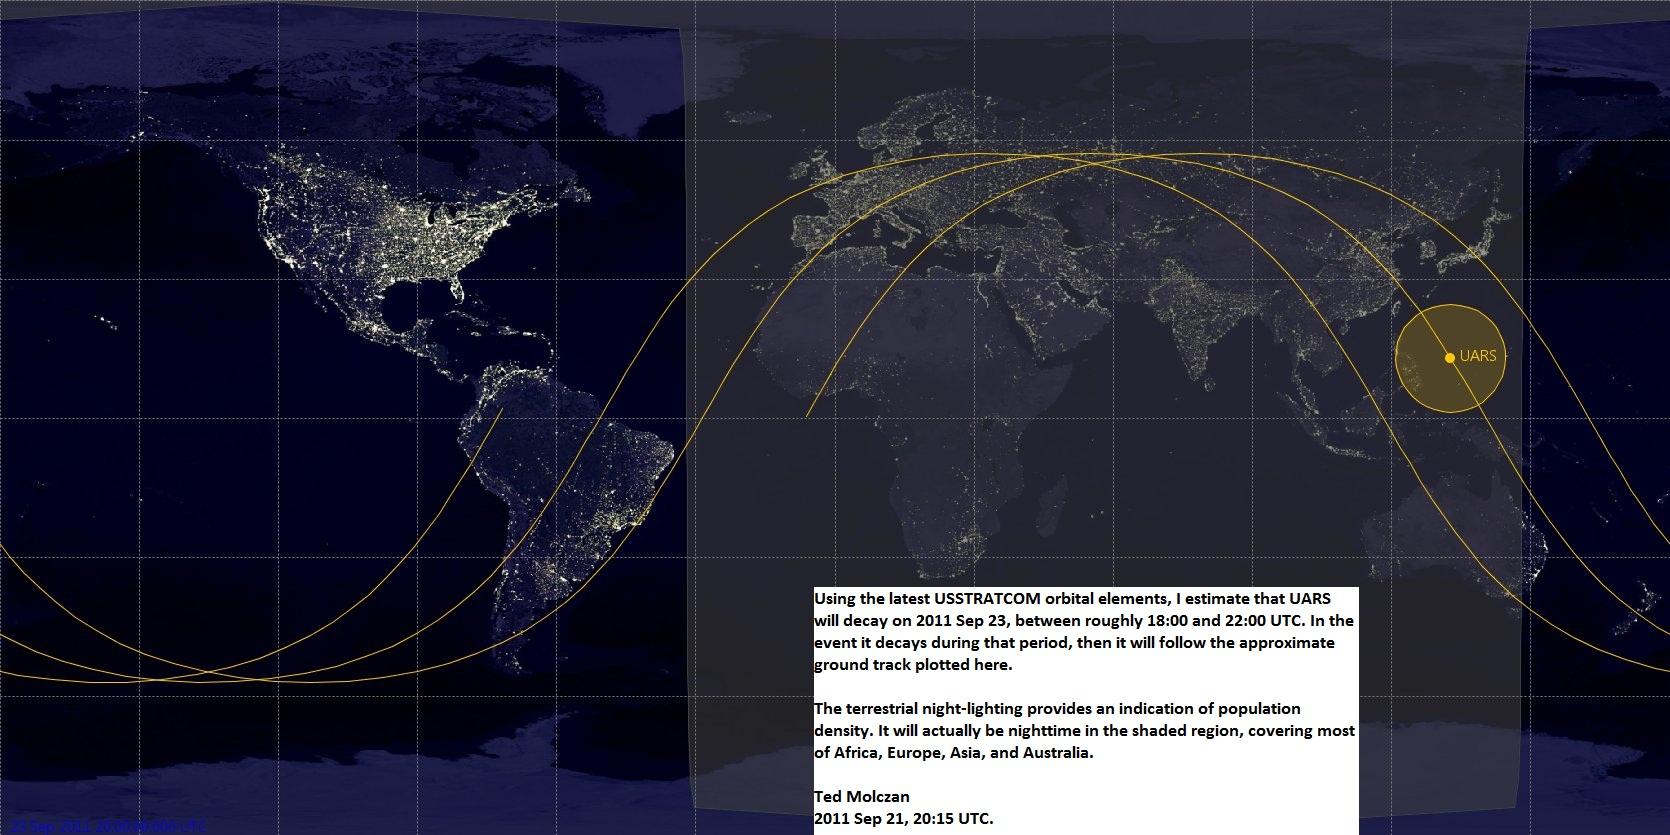 UARS bane